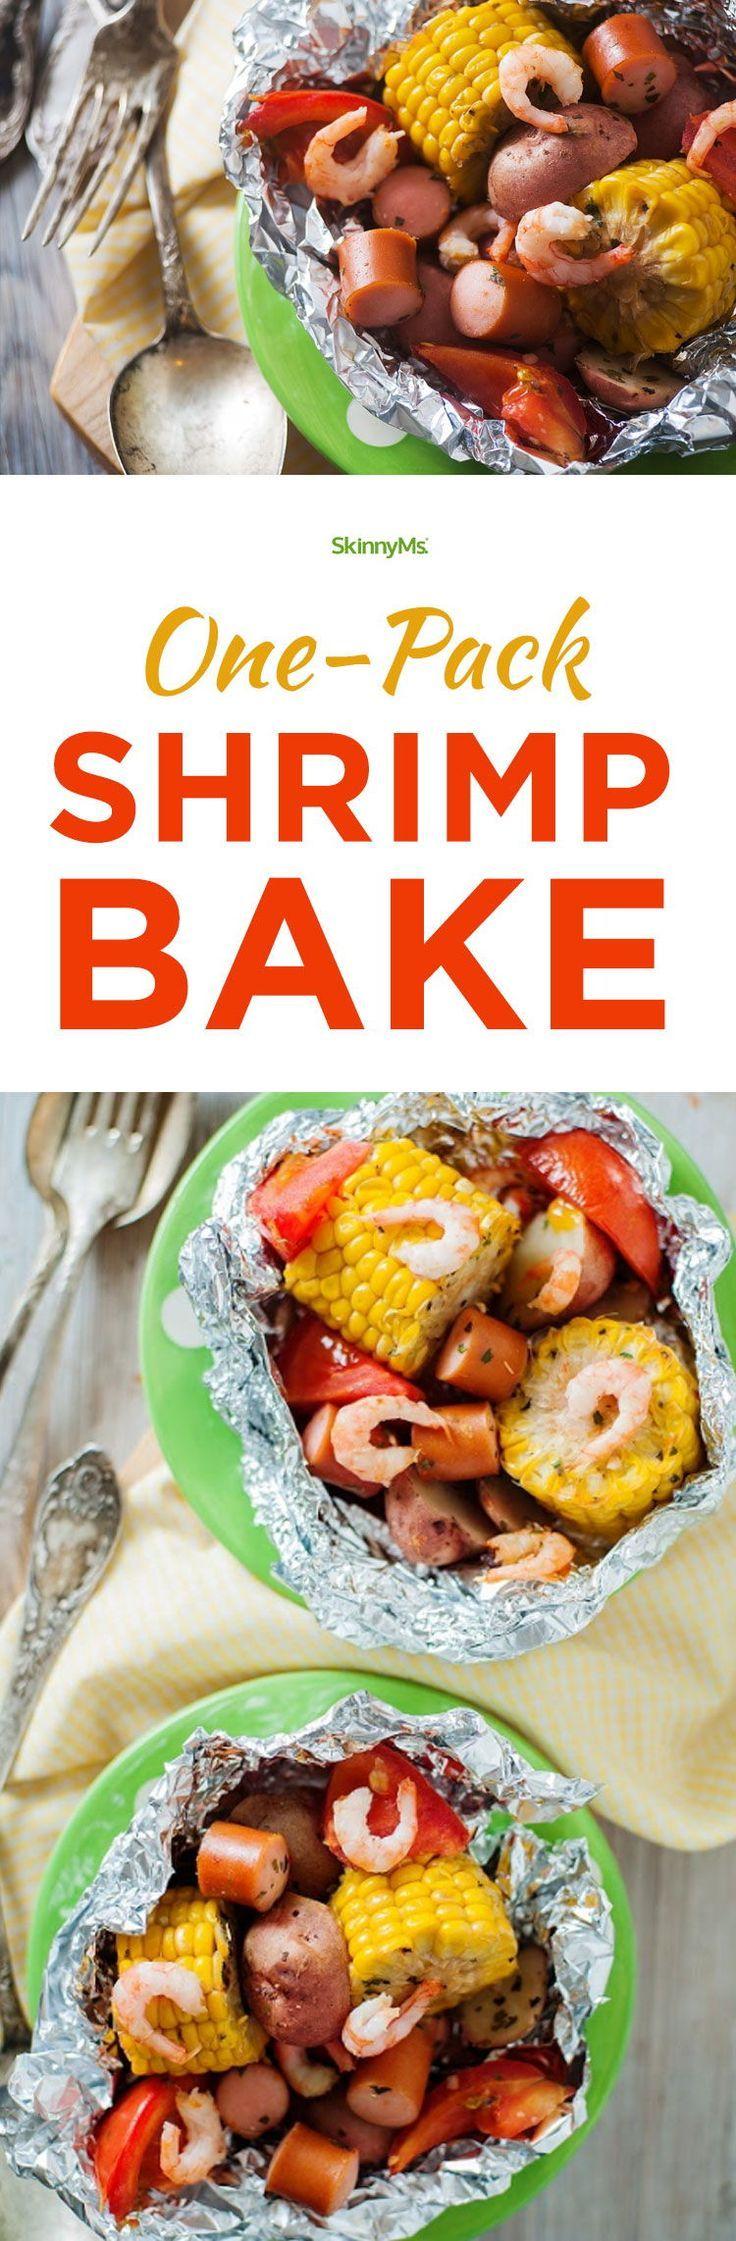 One-Pack Shrimp Bake Easy Dinner Recipes